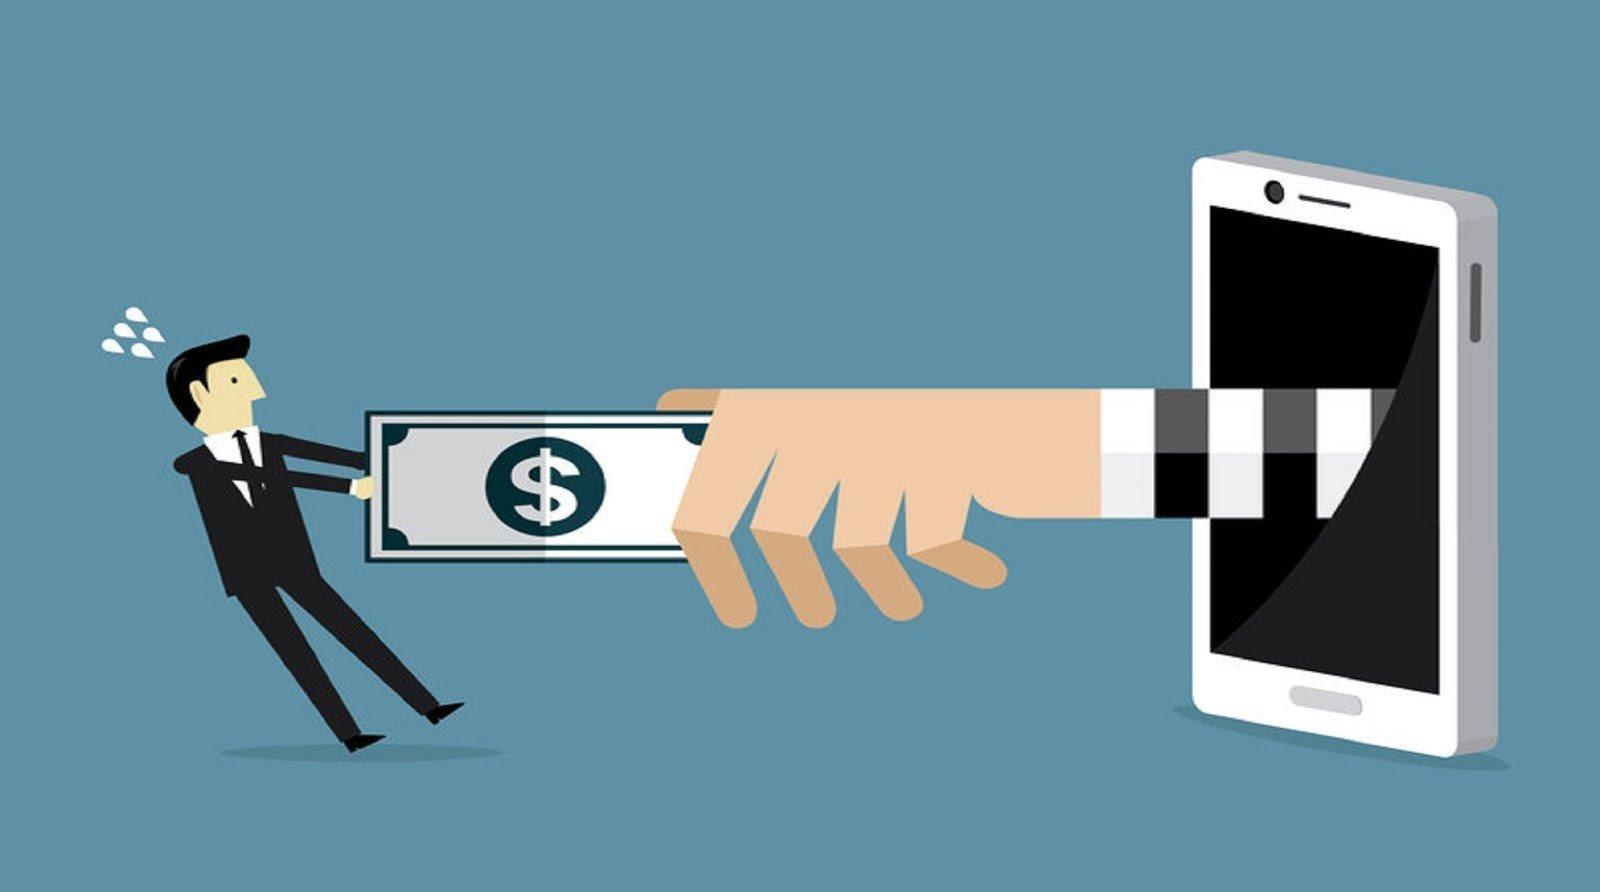 با نشانههای رایج کلاهبرداری در معاملات مجازی آشنا شوید